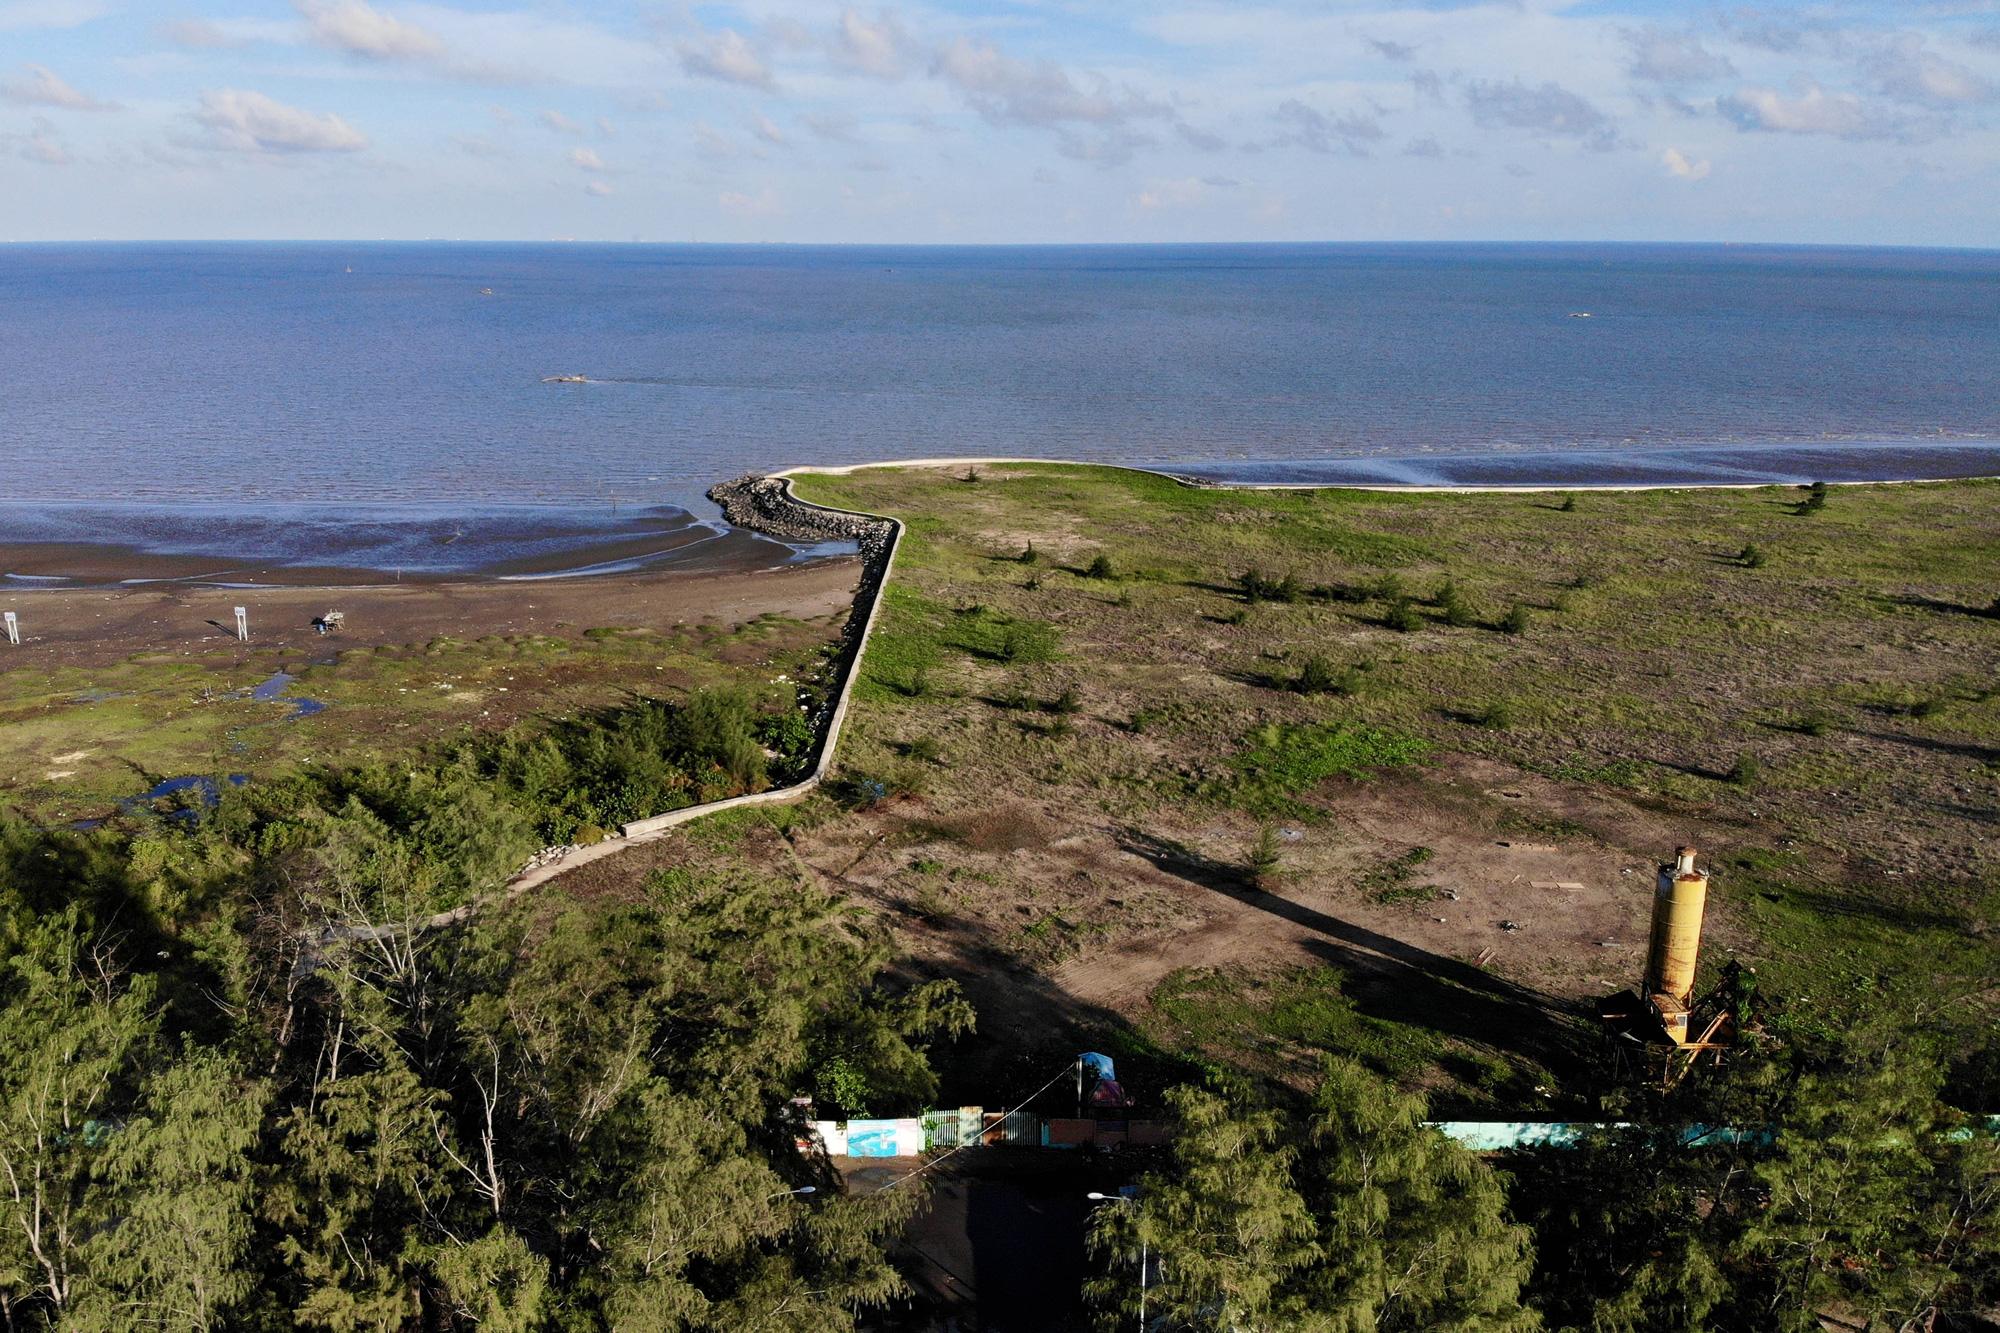 Hiện trạng Dự án Khu đô thị du lịch lấn biển Cần Giờ - Ảnh: Báo NLĐ